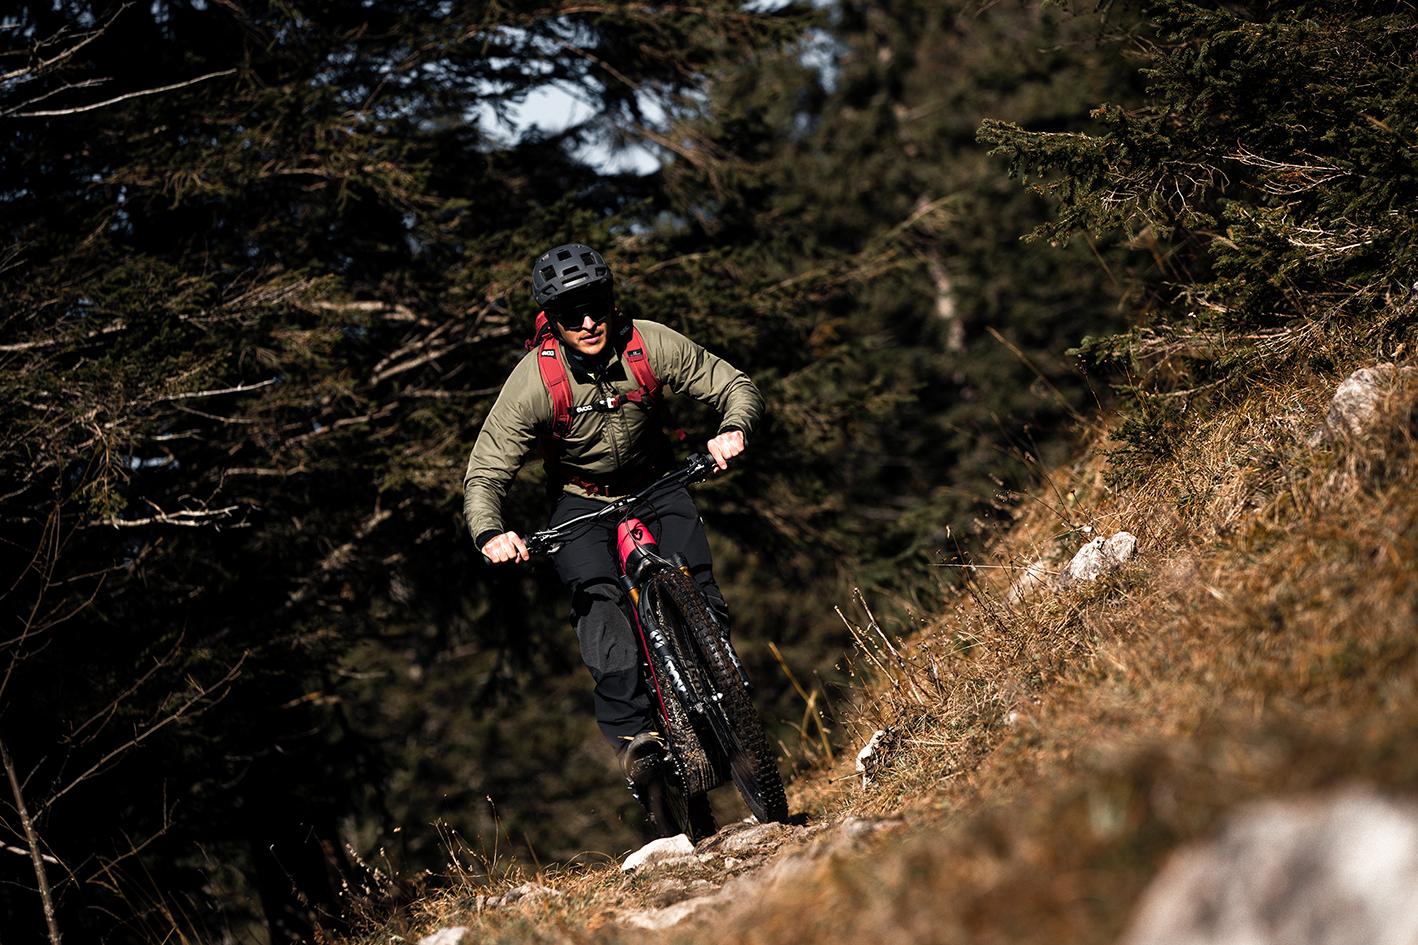 Protective geht mit biodegradable Bikewear ins Rennen